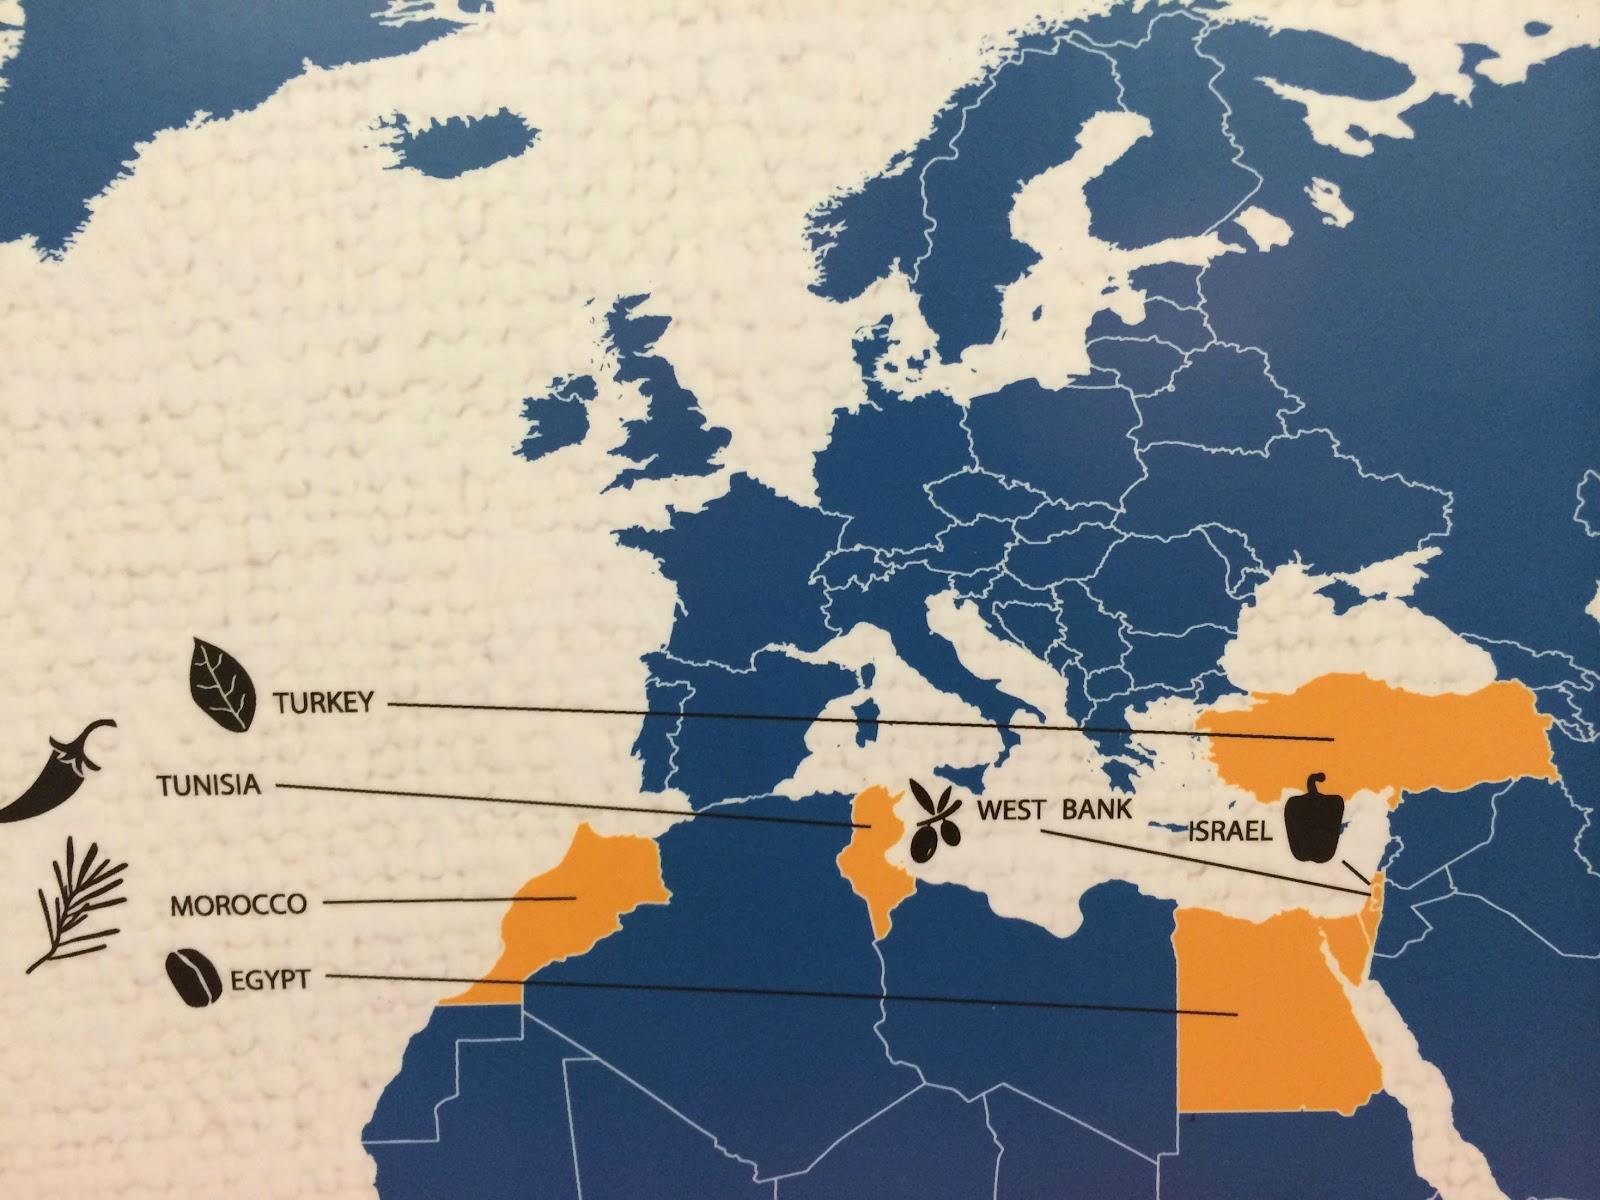 27 hilariously bad maps that explain nothing - Vox